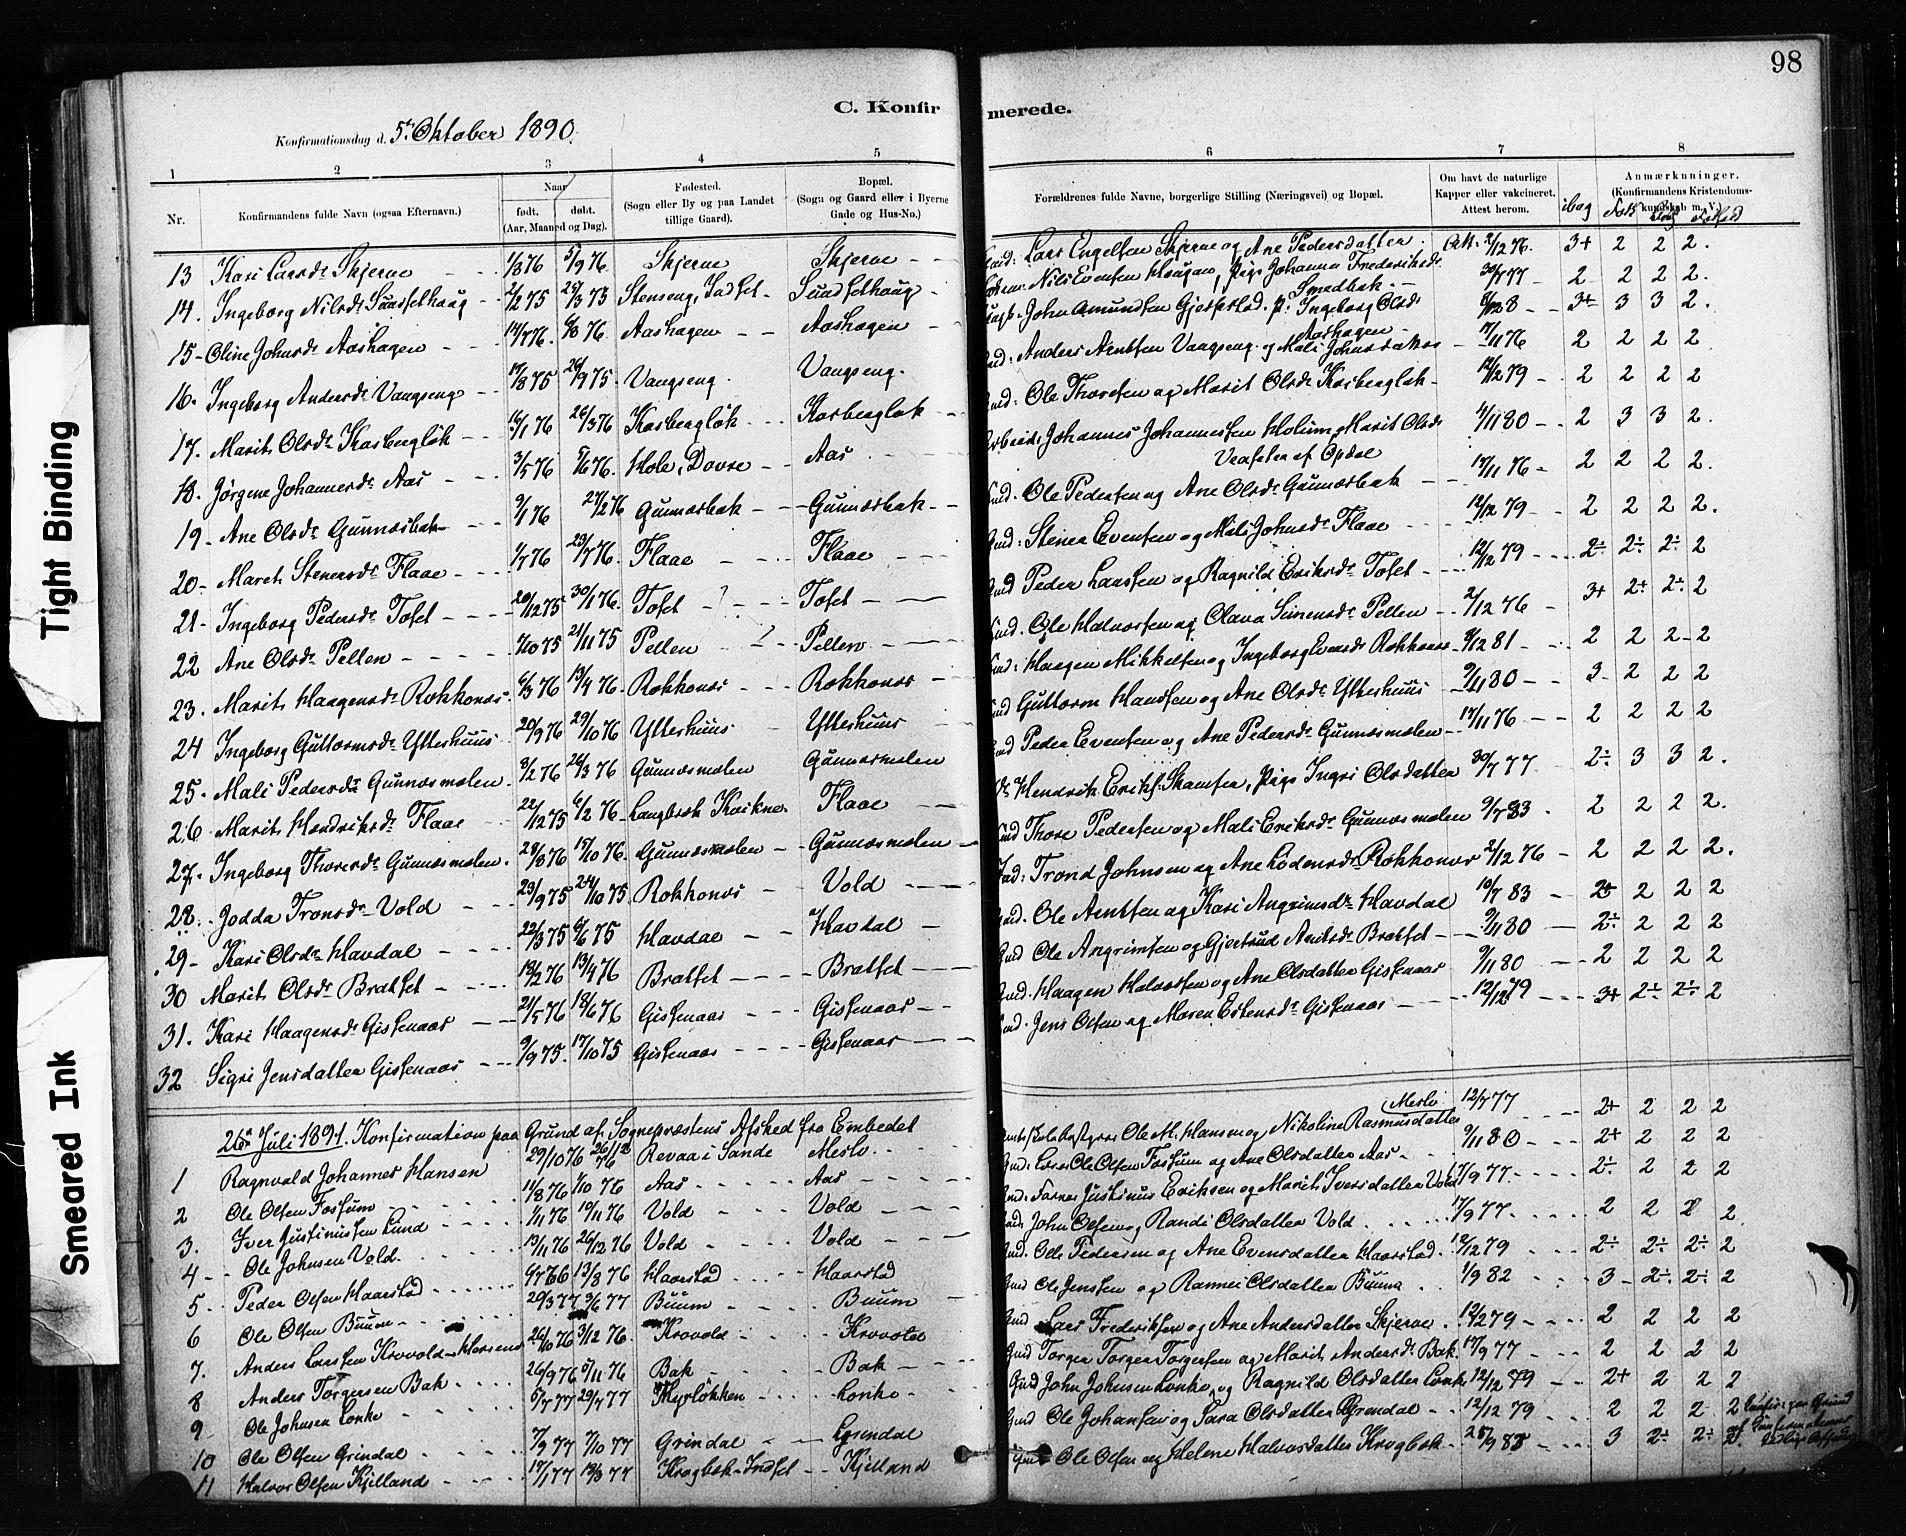 SAT, Ministerialprotokoller, klokkerbøker og fødselsregistre - Sør-Trøndelag, 674/L0871: Ministerialbok nr. 674A03, 1880-1896, s. 98